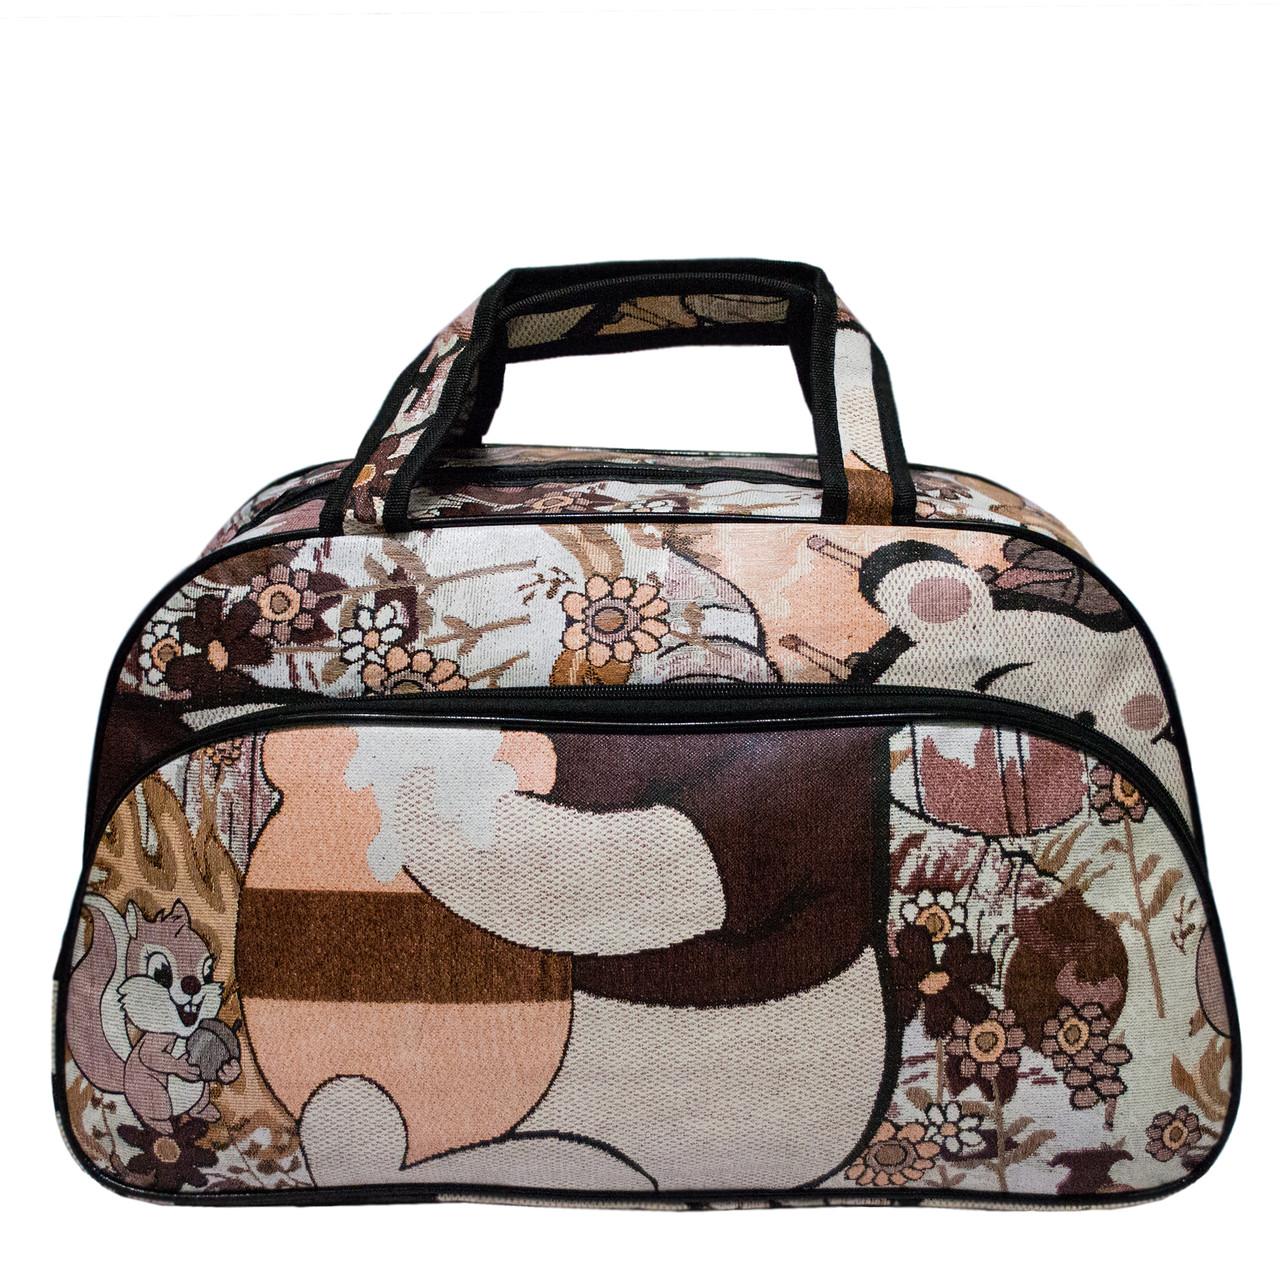 Дорожная сумка саквояж - купить недорого чемоданы ,сумки ... 18cd1ec8083